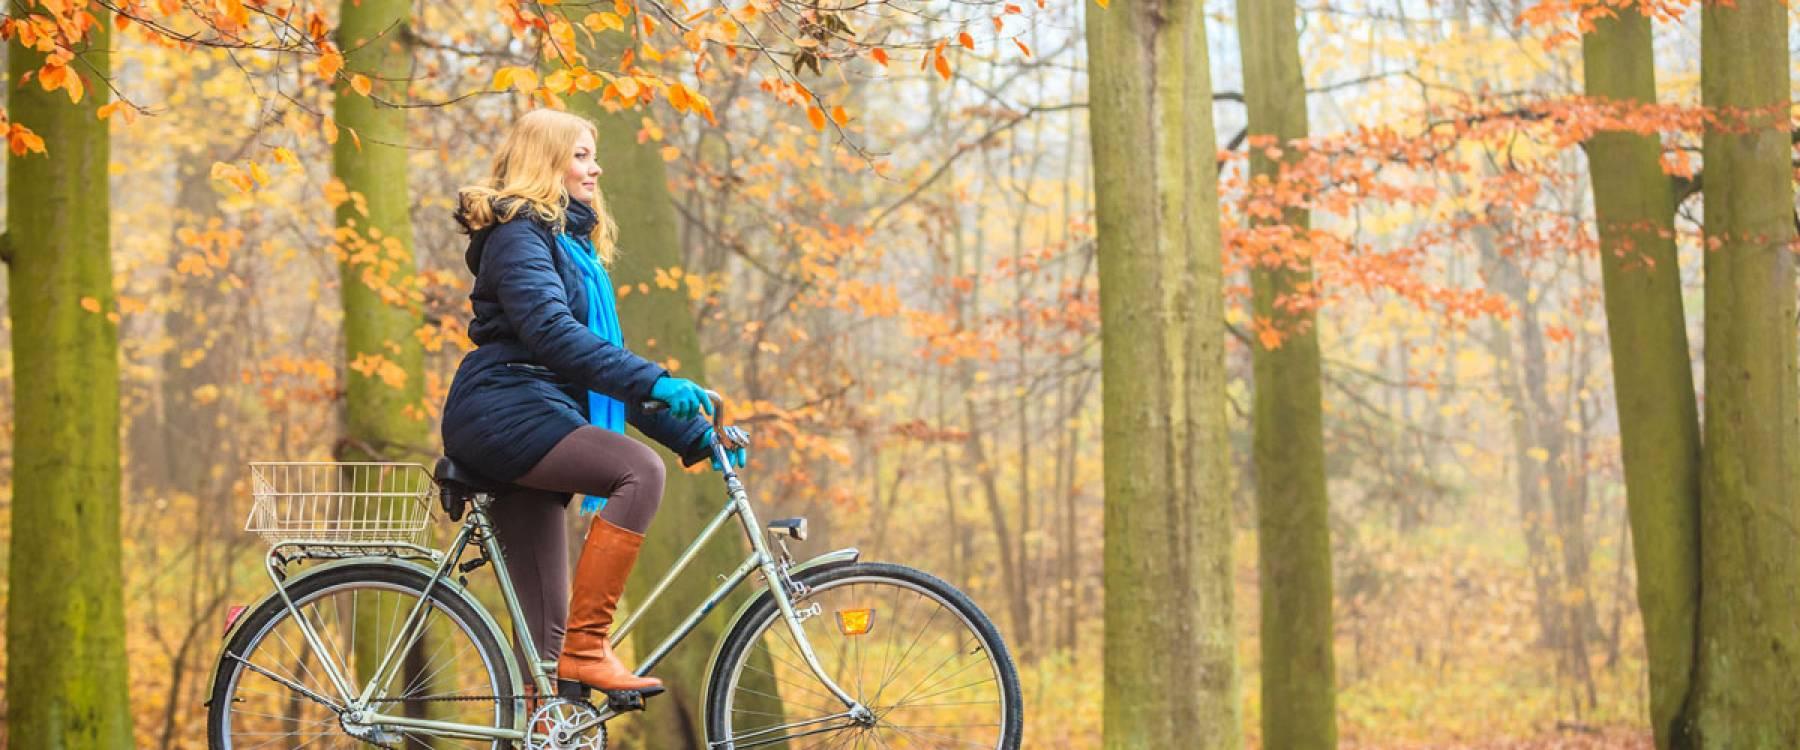 3 zaručené rady, ako si zlepšiť náladu počas jesene